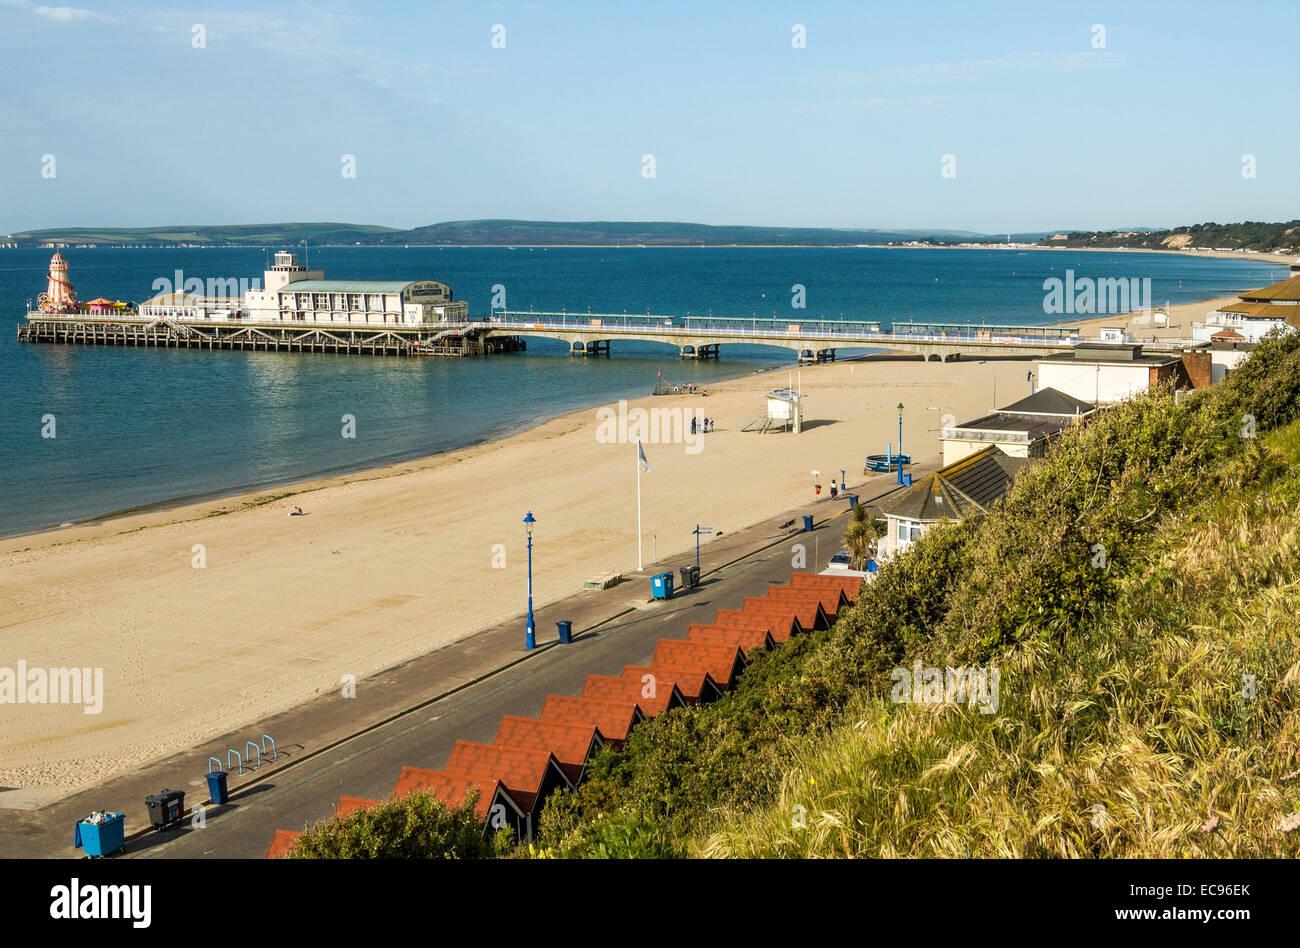 Bournemouth Pier in den beliebten Badeort Bournemouth in East Sussex, Südengland. | Bournemouth Pier Im Populaeren Stockbild